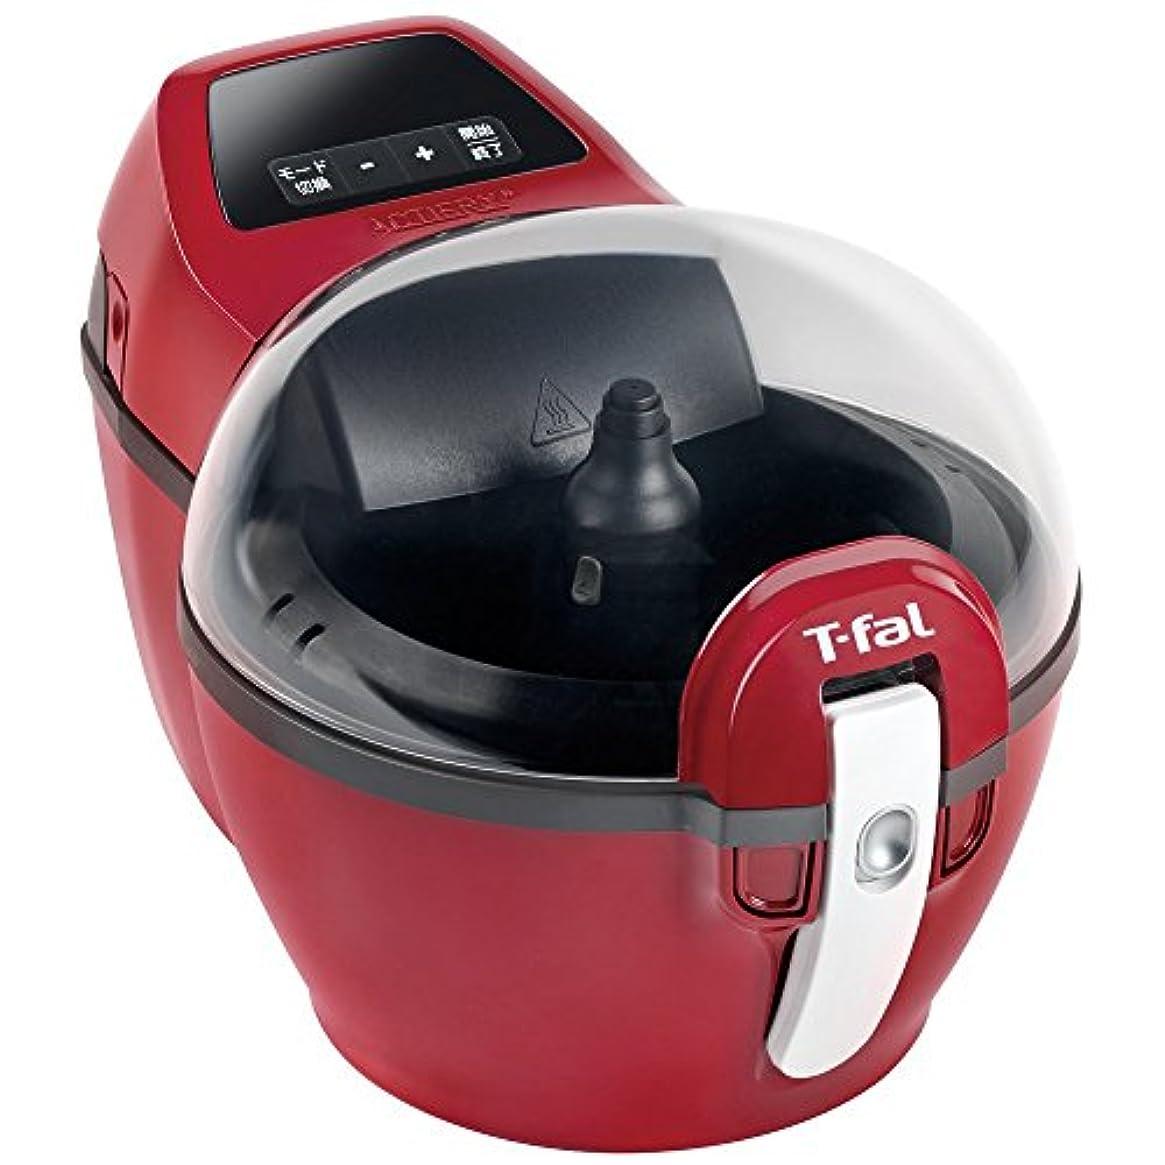 キャメル記者一口ティファール 電気フライヤー アクティフライ  揚げ物 炒め物 煮込み レッド 調理家電 FZ205588